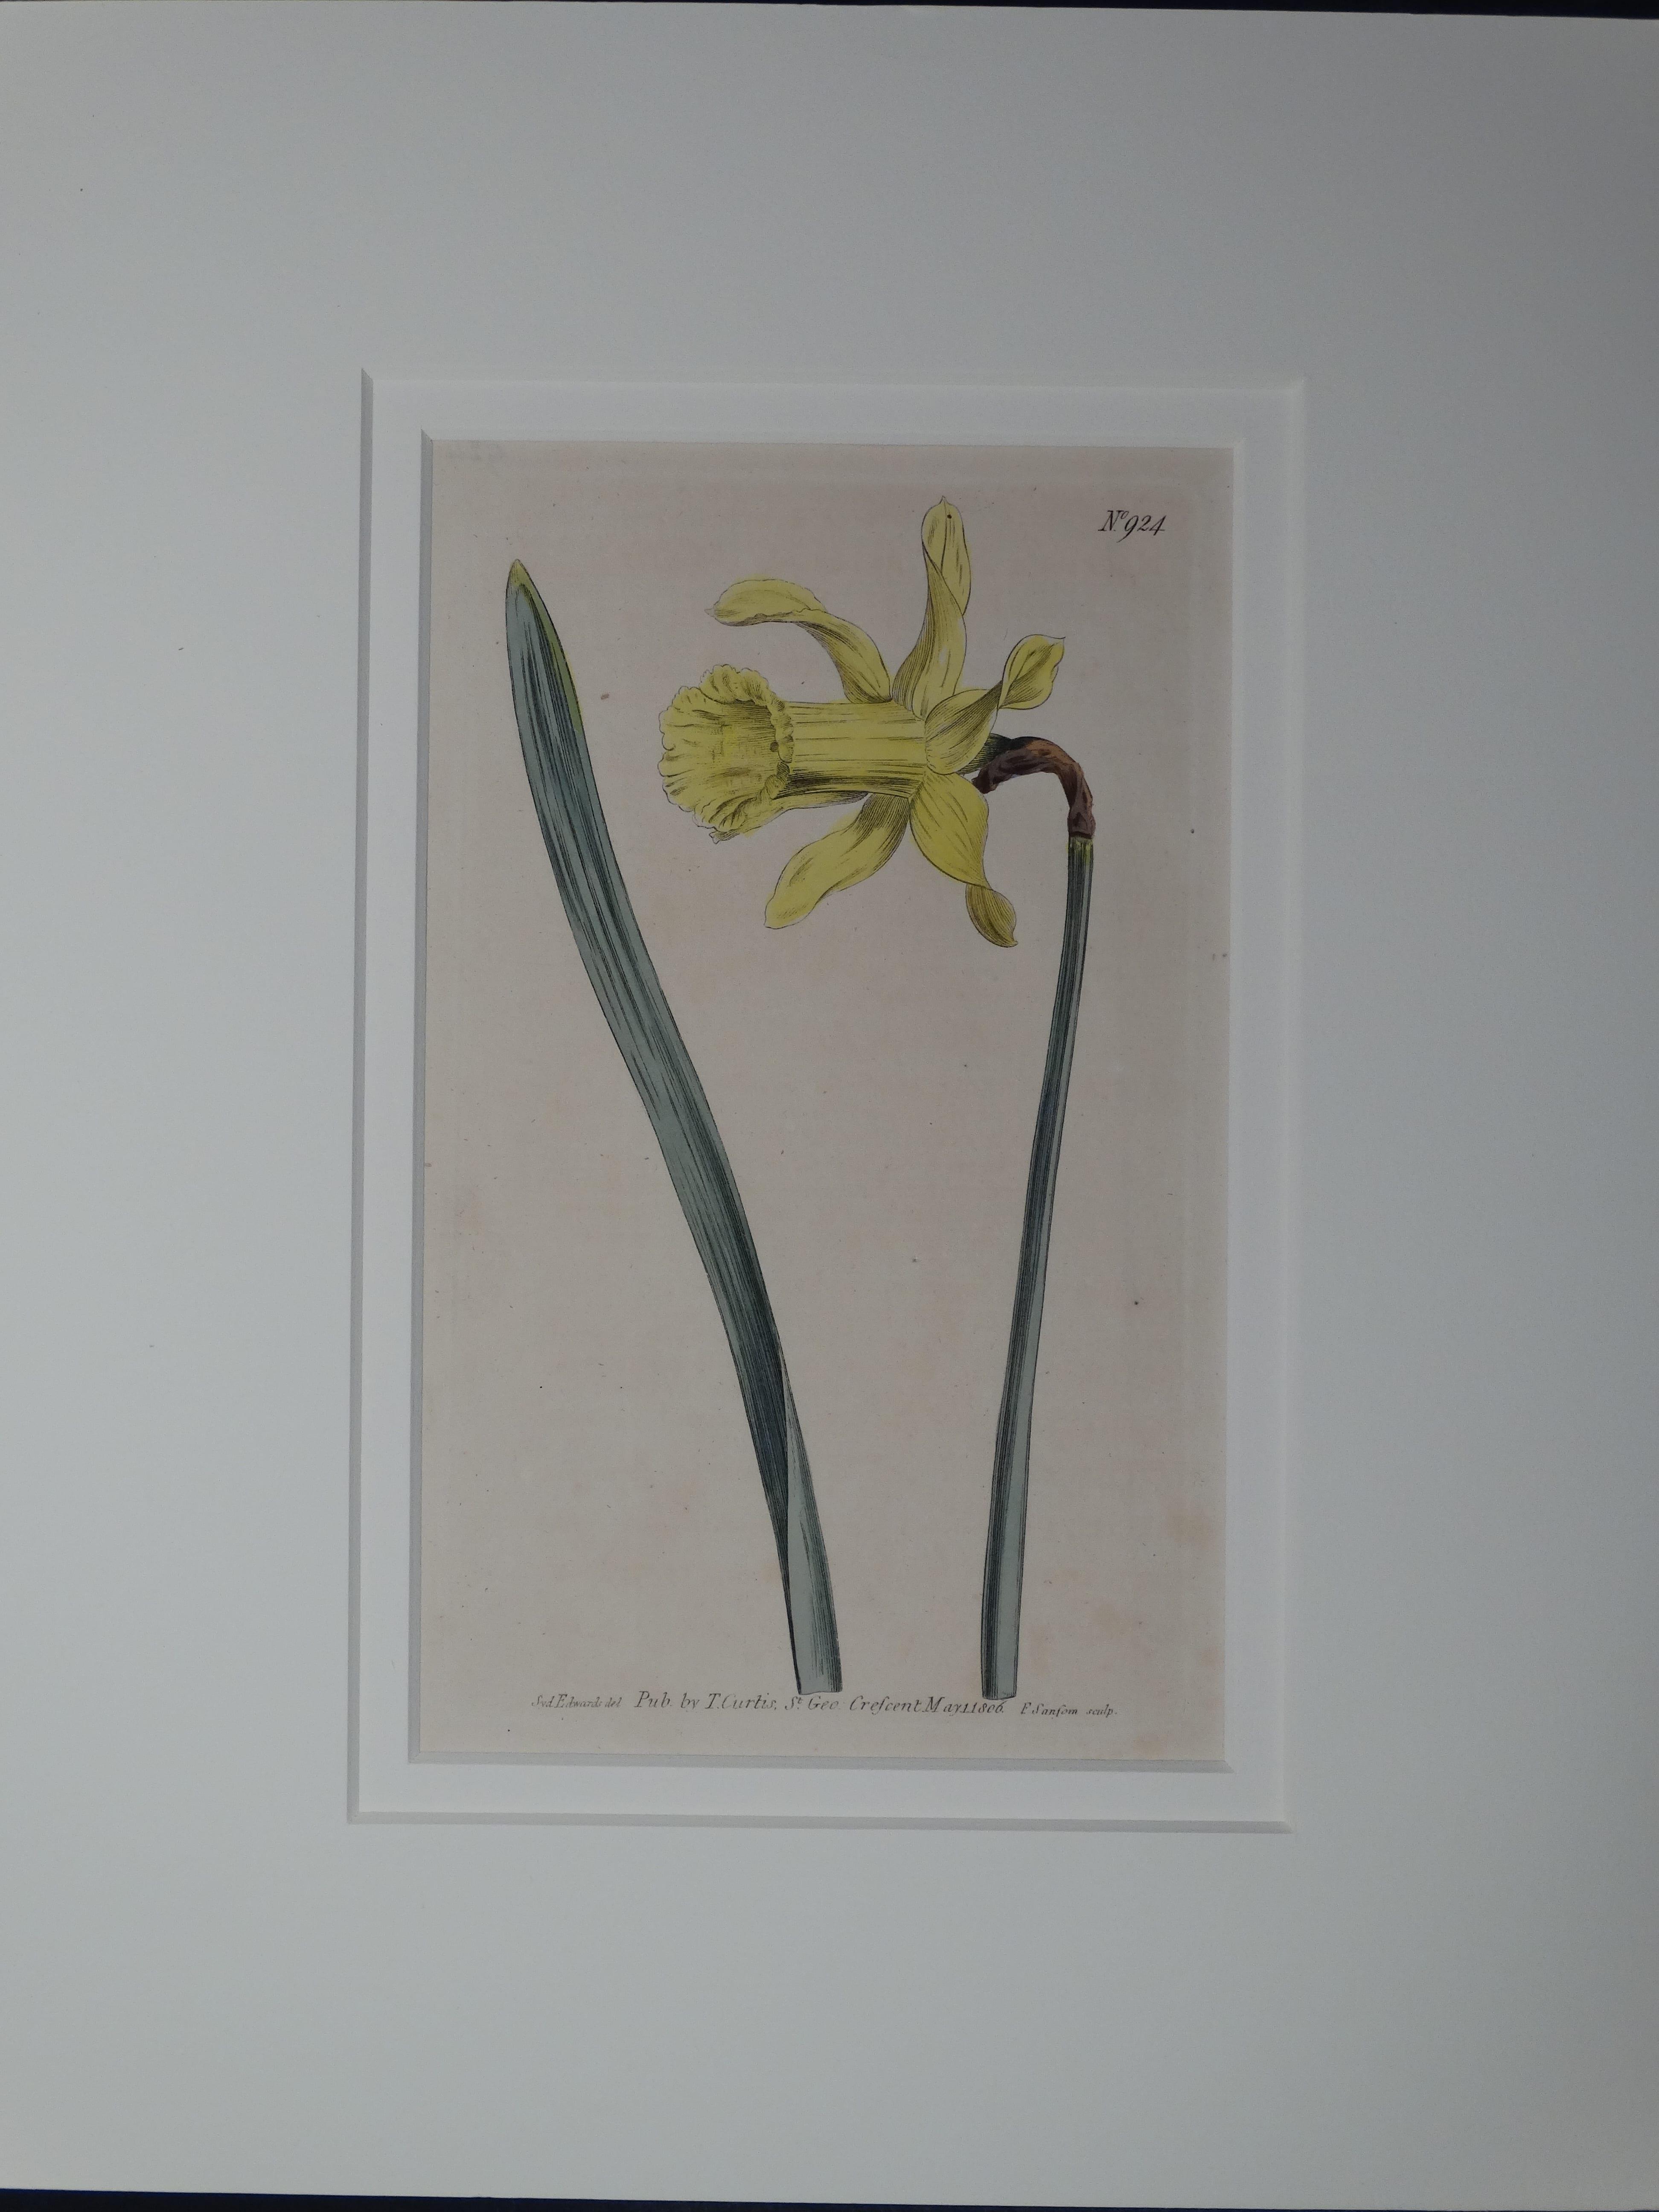 Daffodil by Curtis, #924